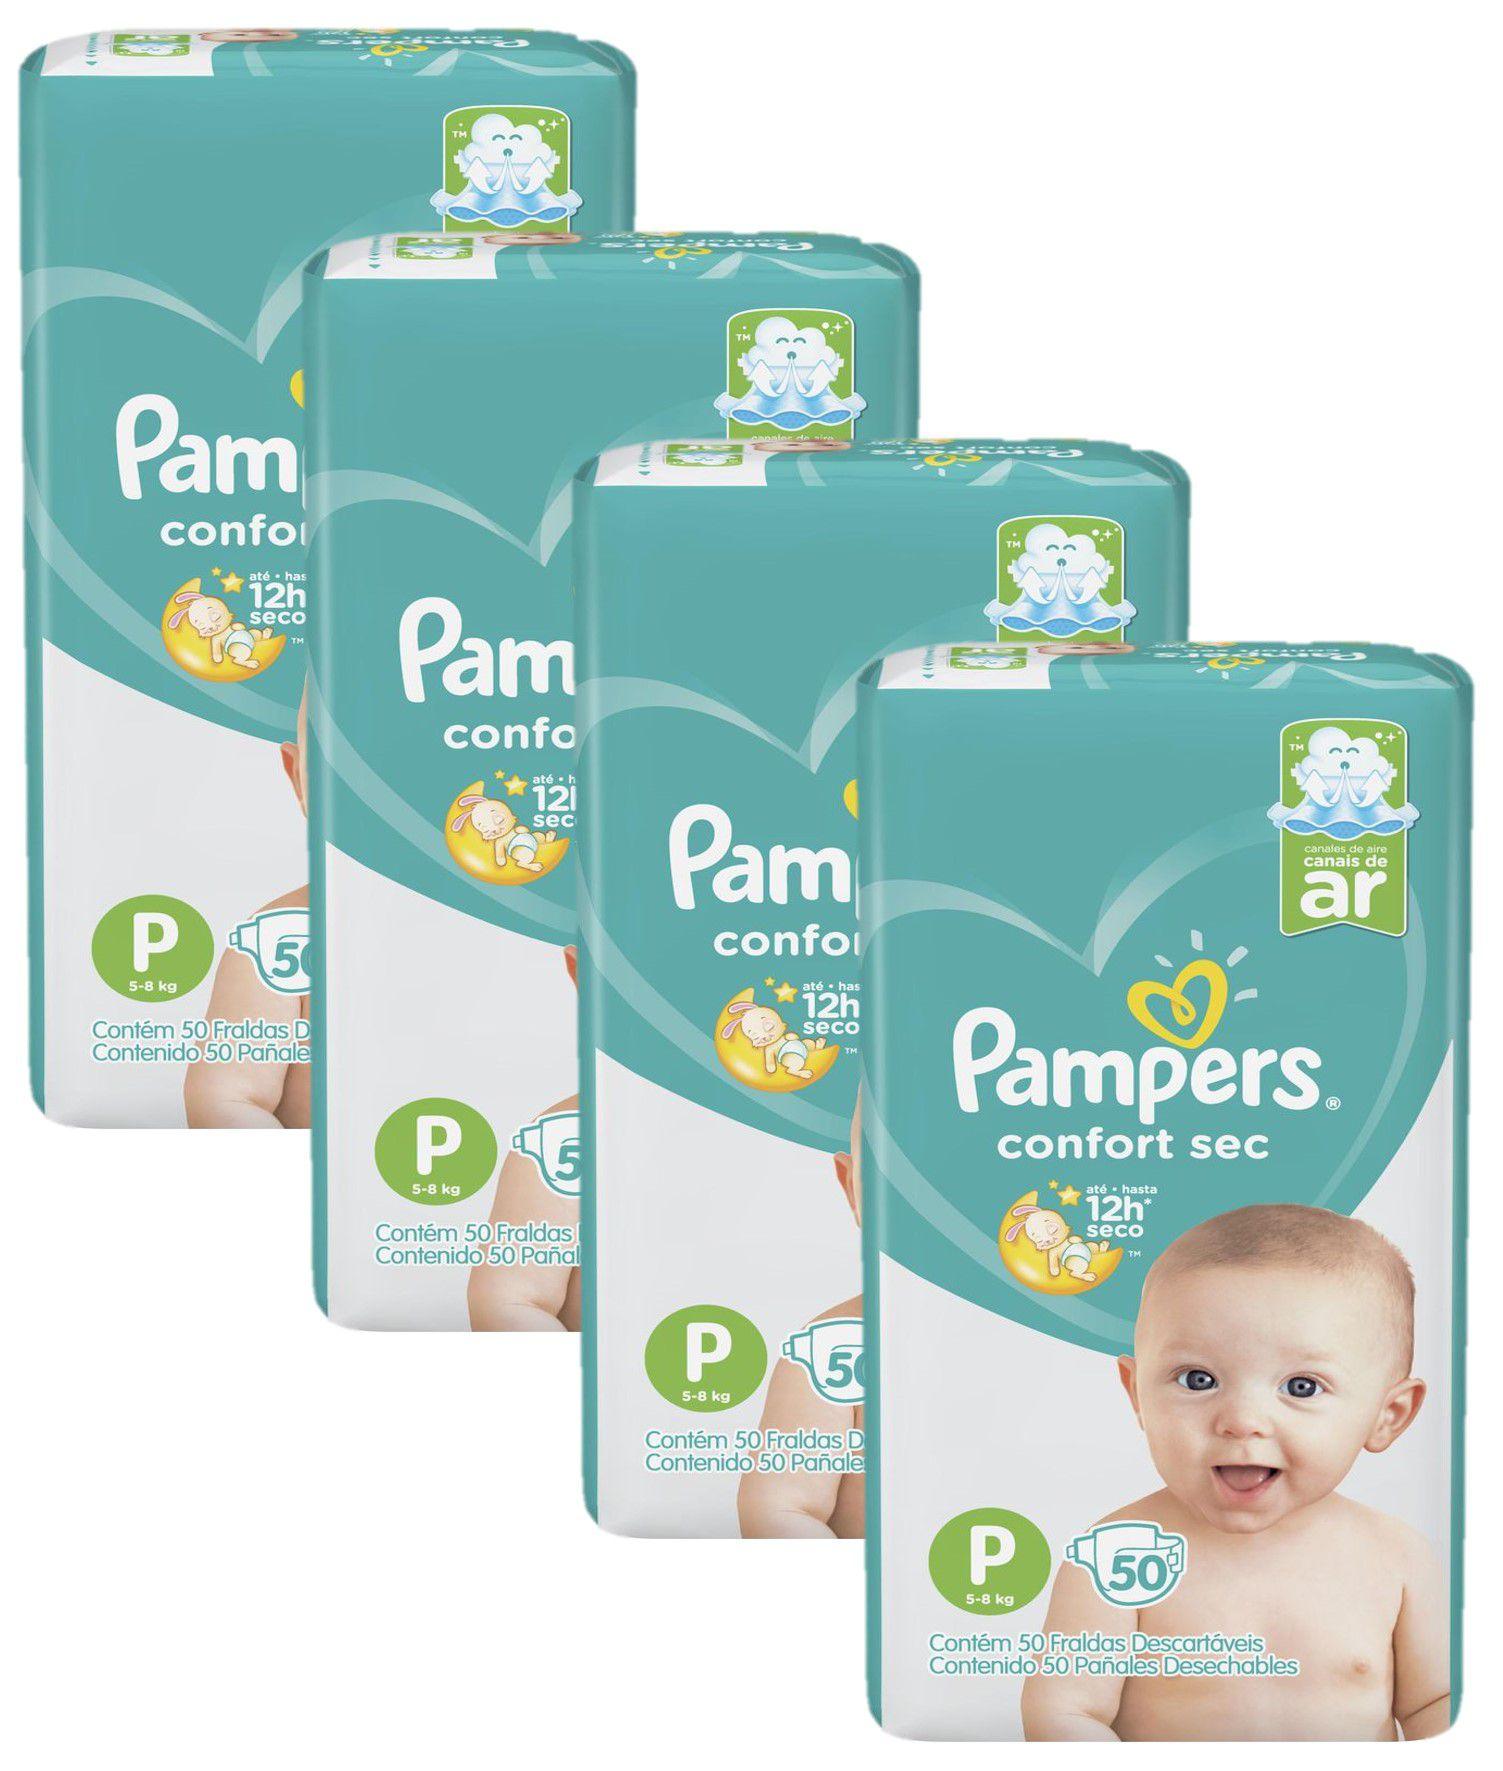 Kit Fralda Pampers Confort Sec Tamanho P com 200 unidades